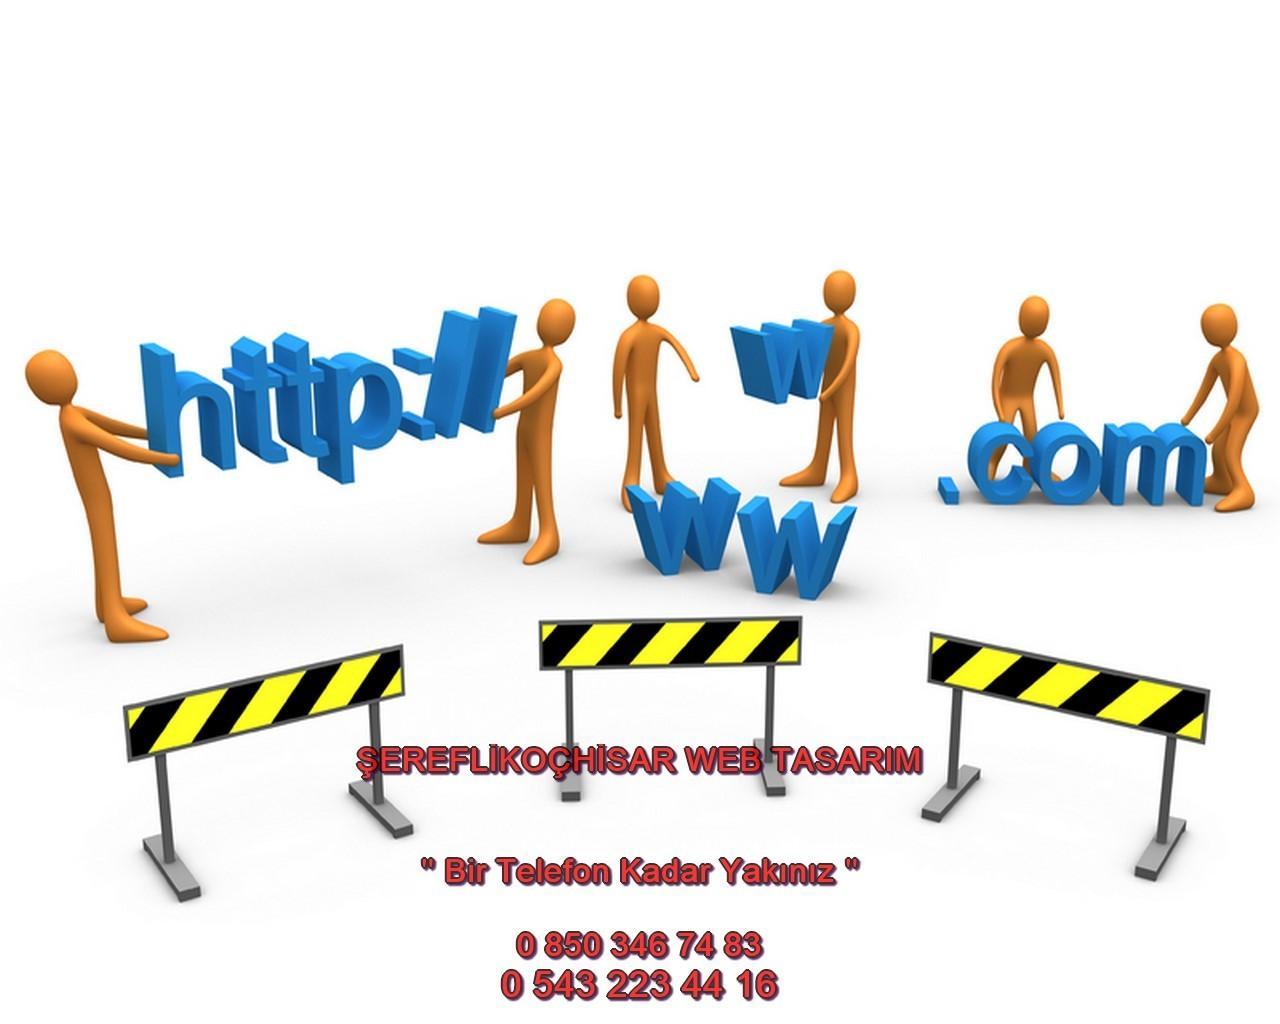 Şereflikoçhisar Web Tasarım